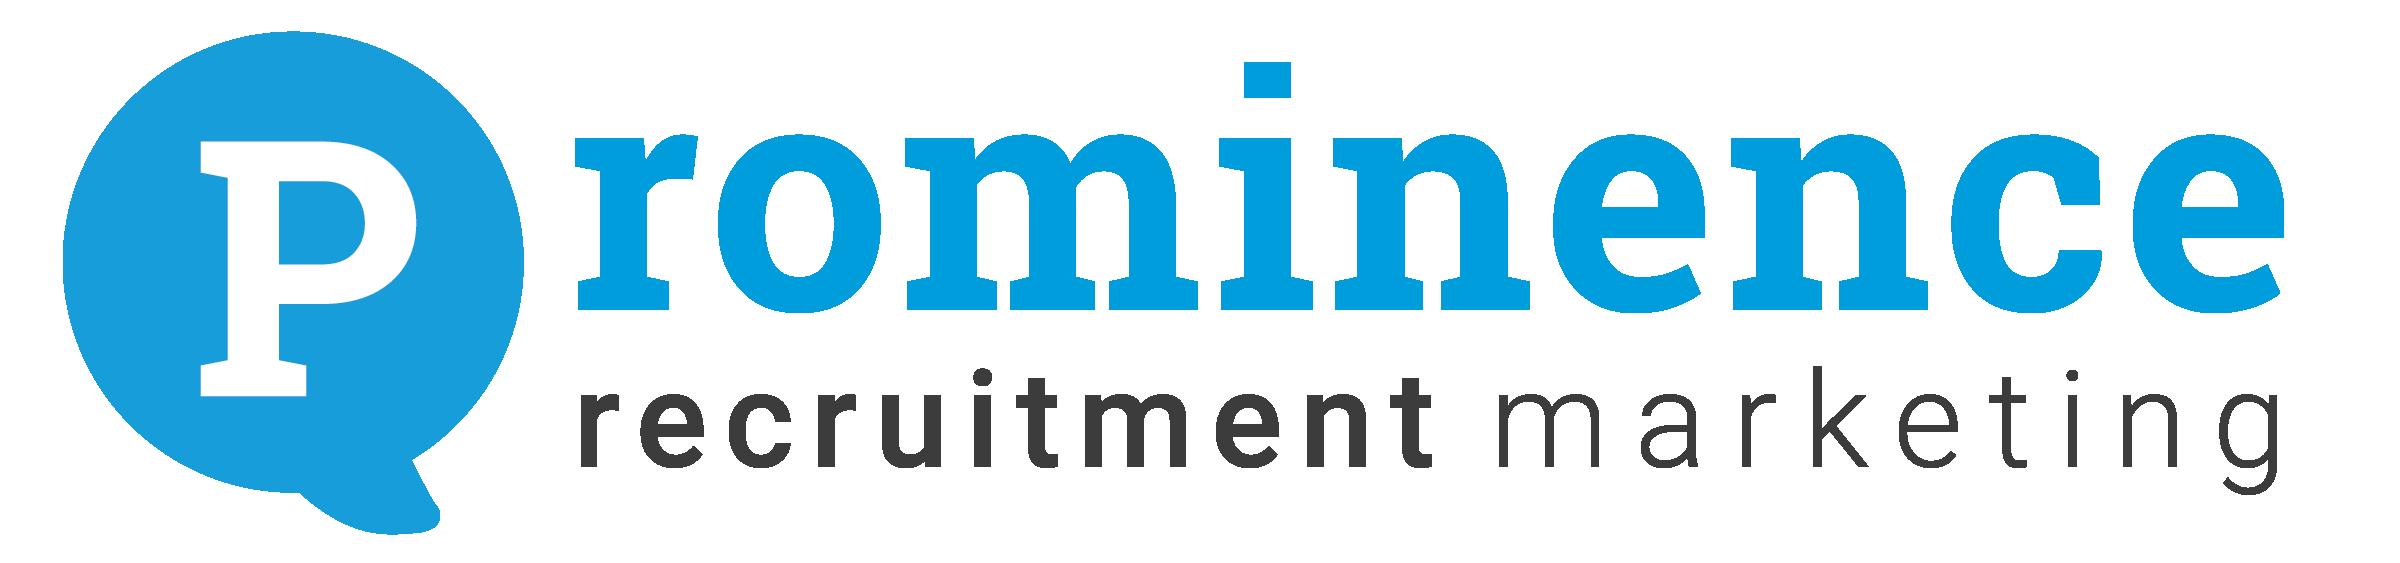 Prominence Recruitment Digital Marketing – NZ